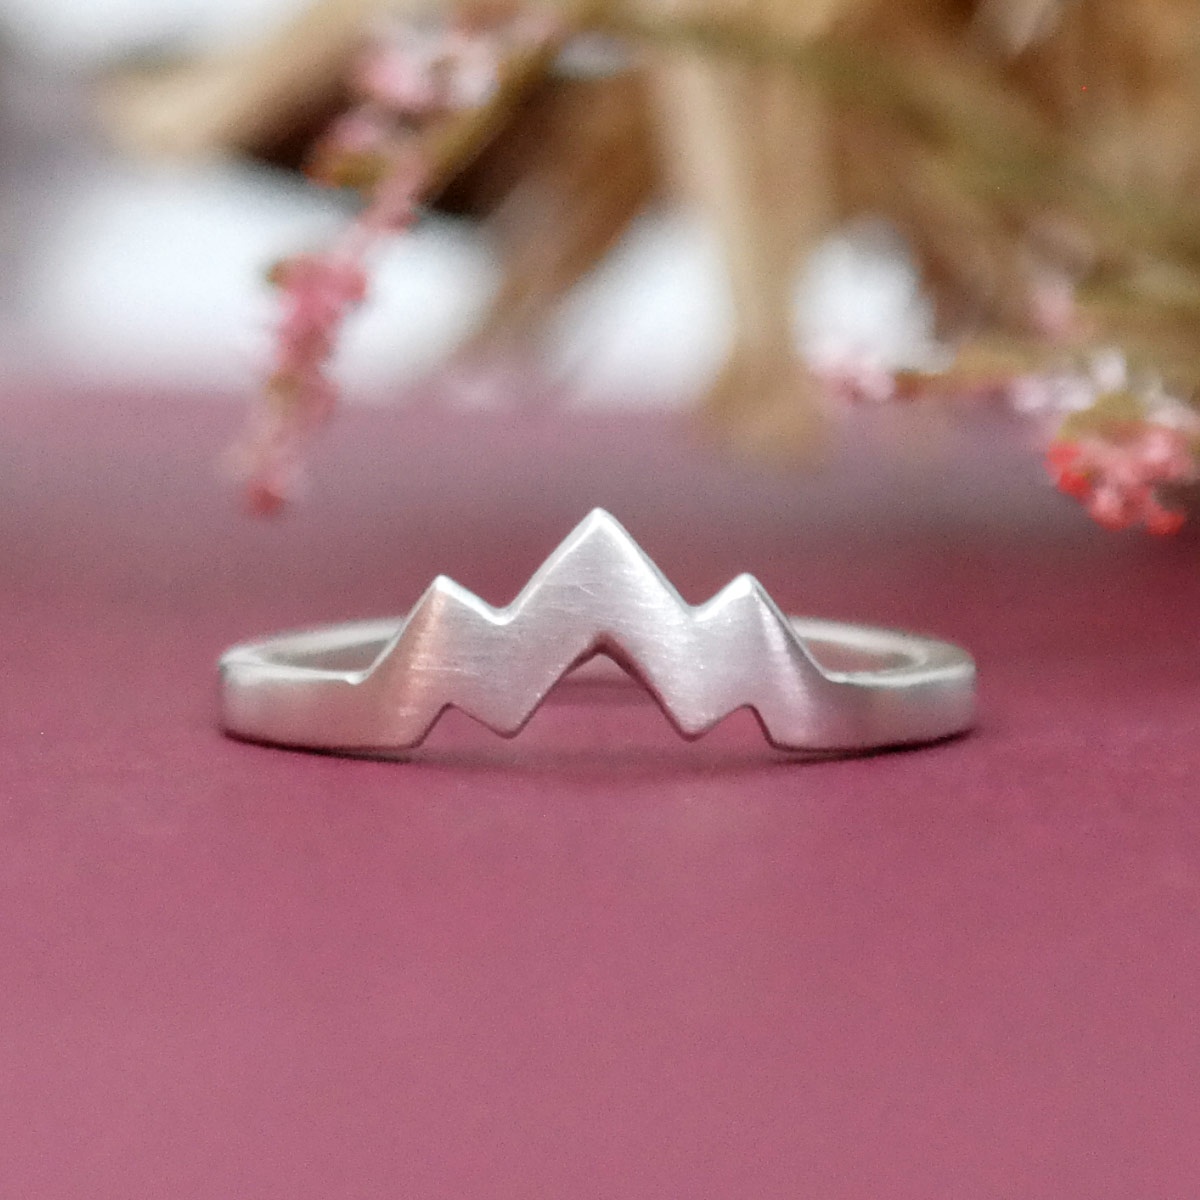 Triple Peak Mountain Ring